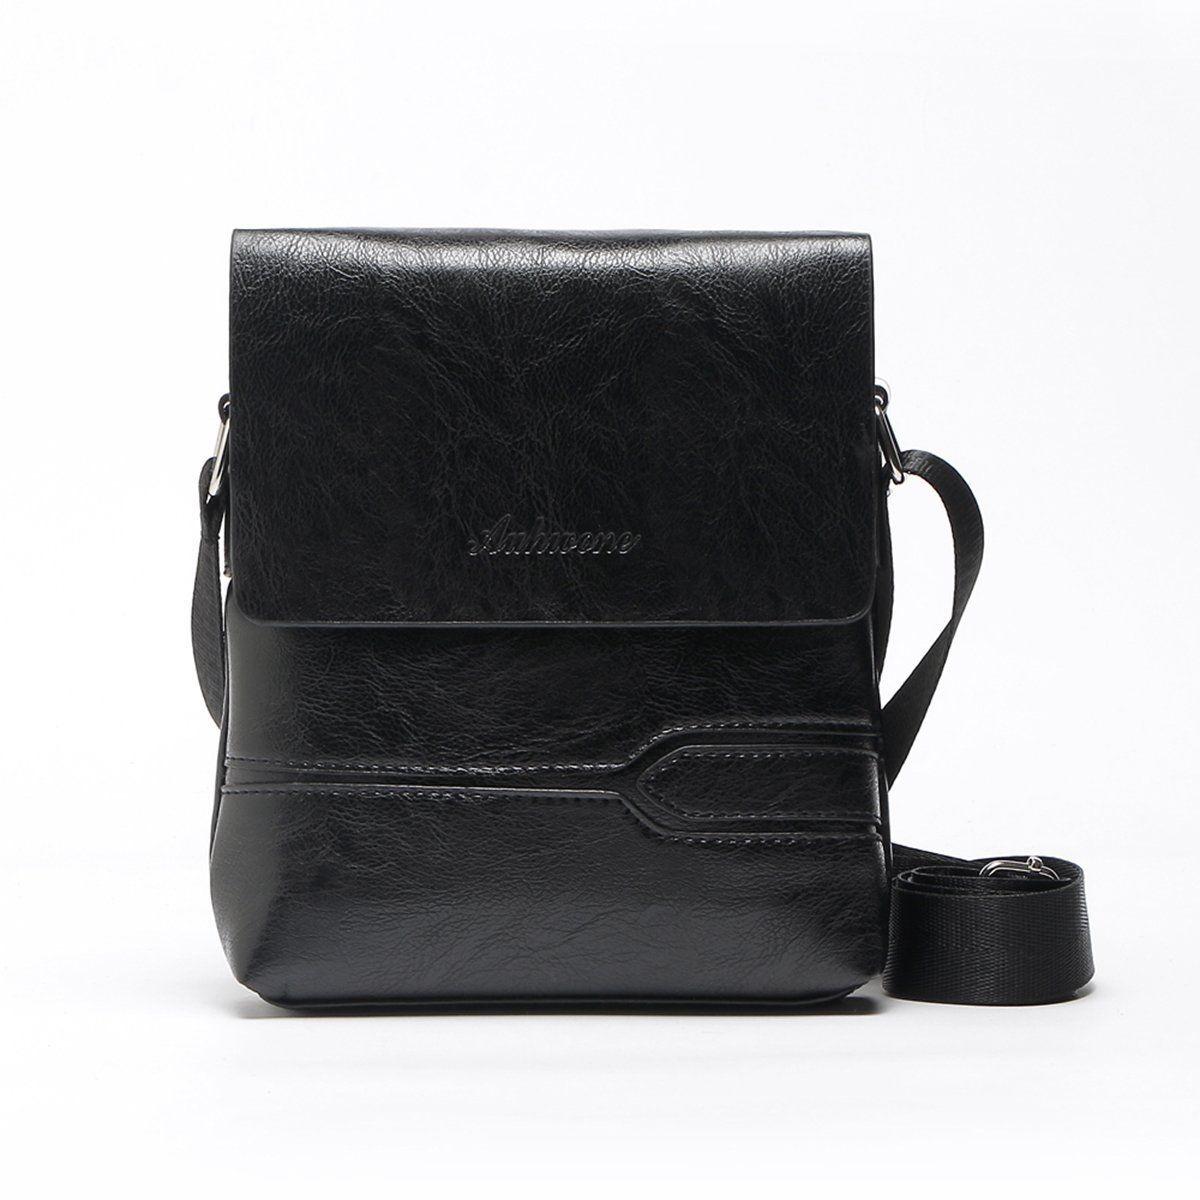 c82ff9100 bolsa masculina couro ombro tiracolo carteiro executivo. Carregando zoom.